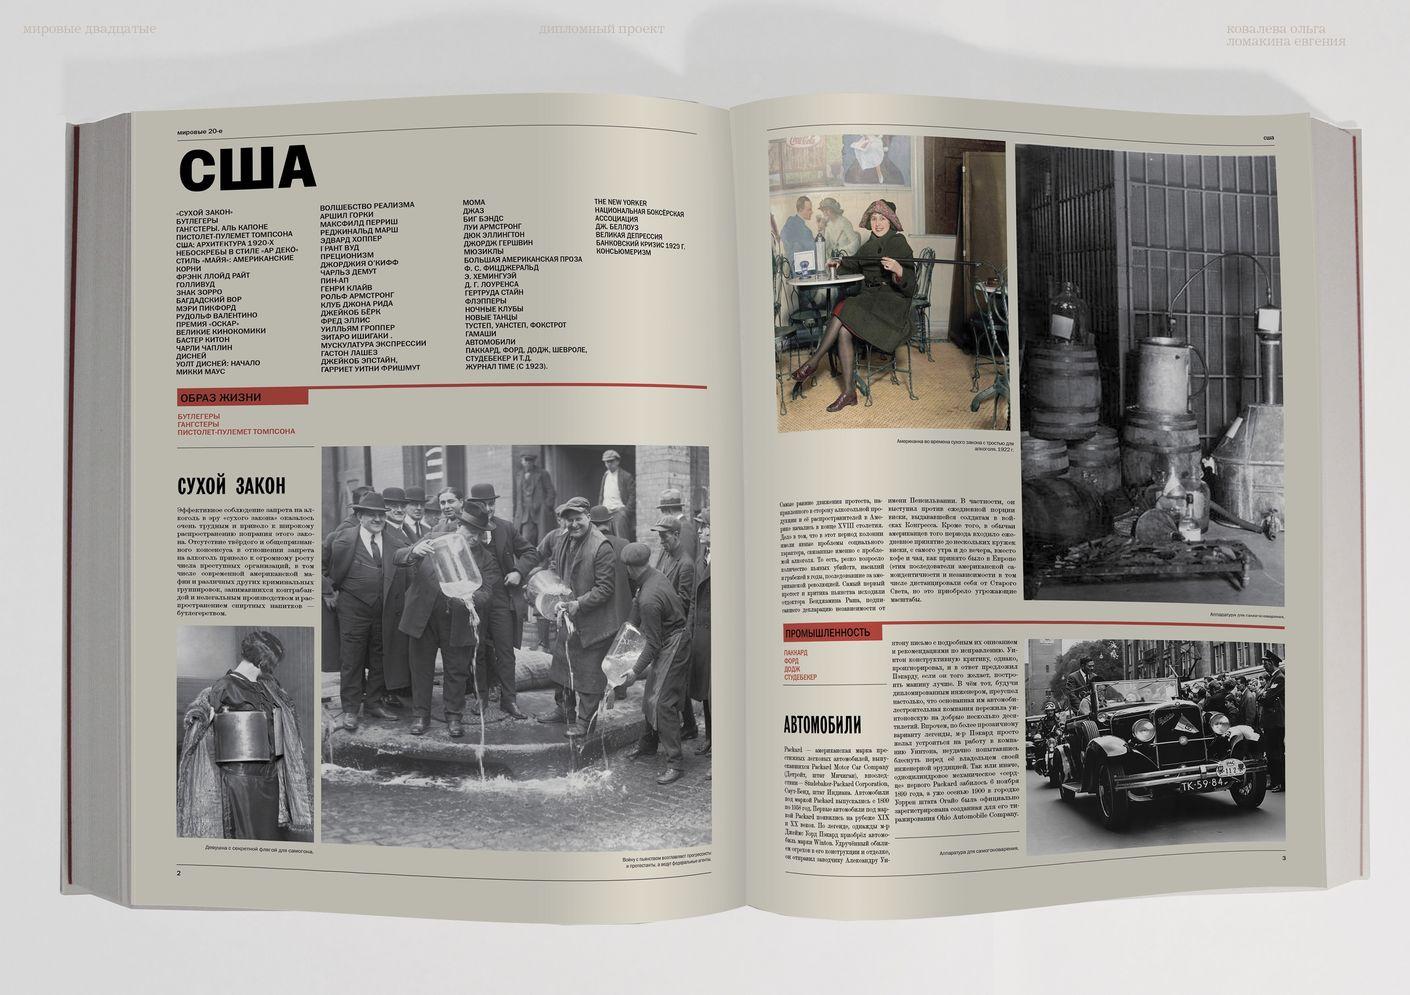 Мировые двадцатые— визуальное исследование, книжное издание— hsedesignlab.ru